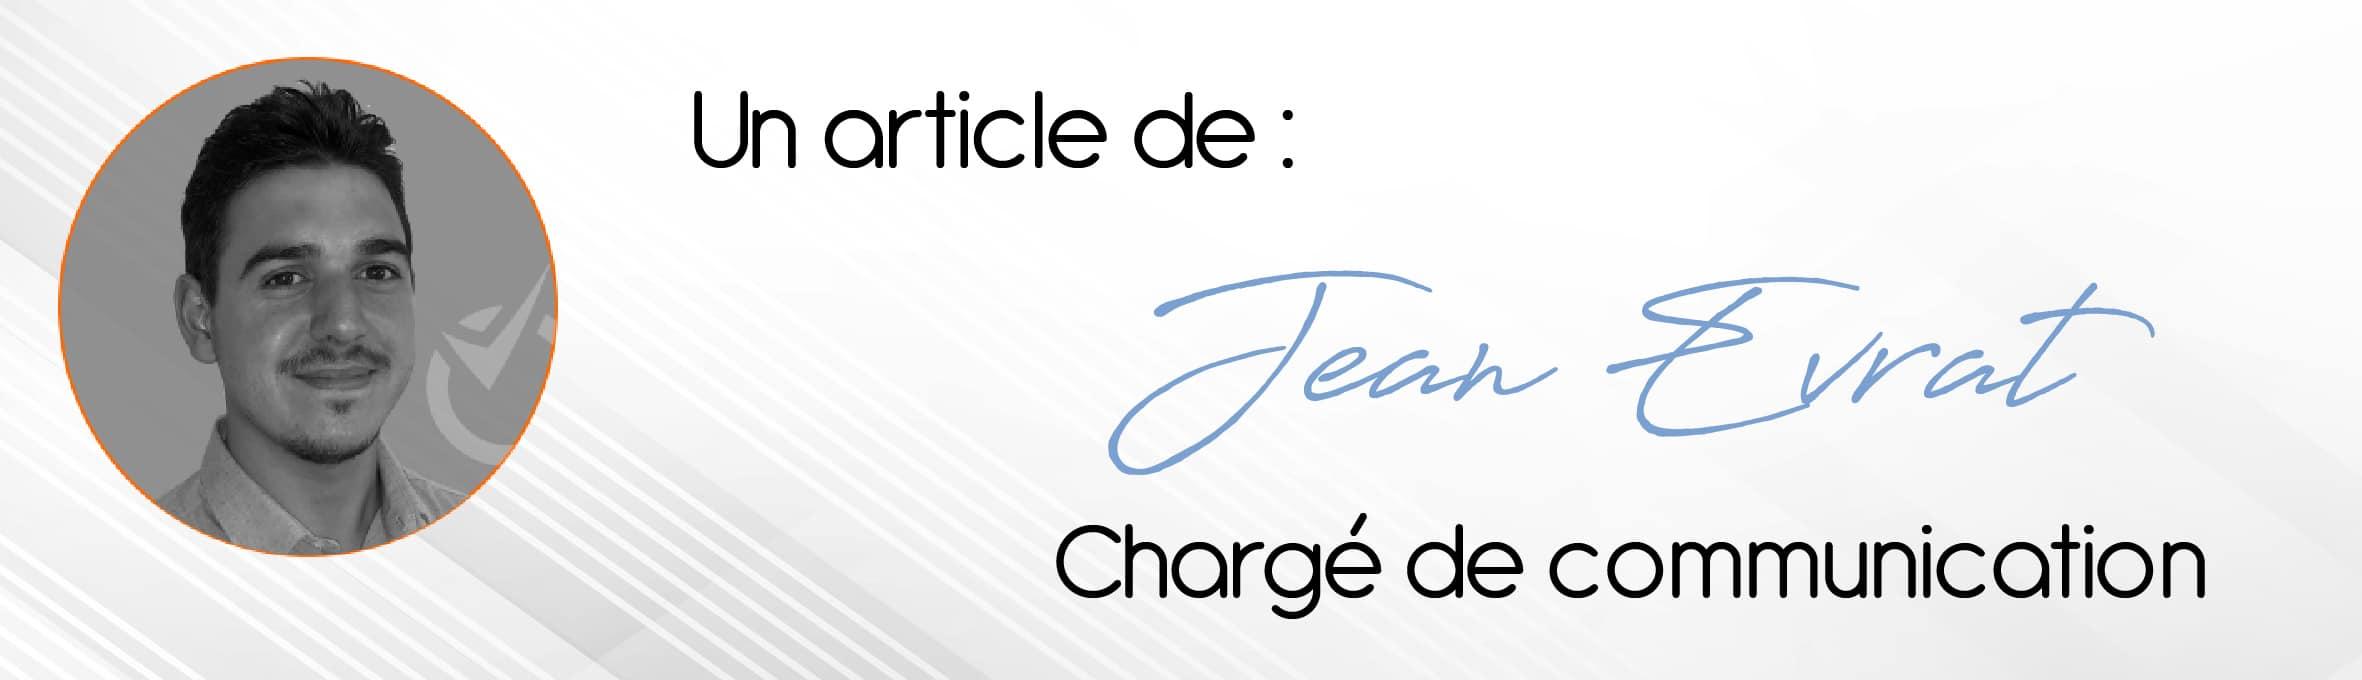 signature Jean evrat